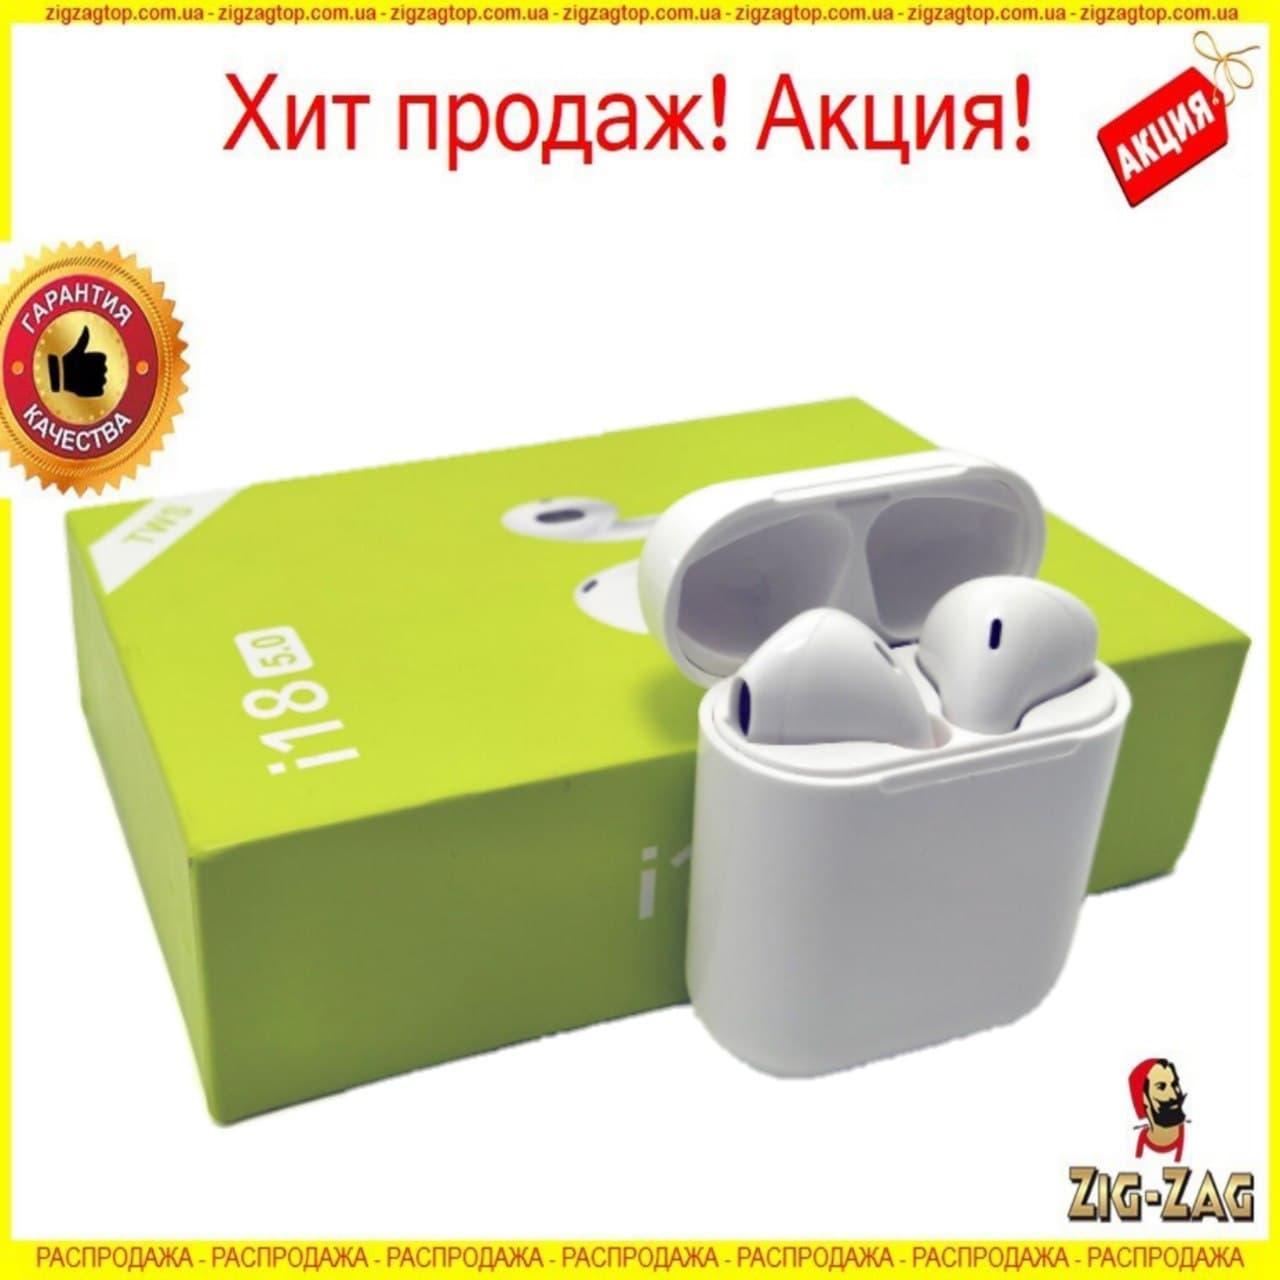 Бездротові Сенсорні Навушники I18 TWS Bluetooth з Боксом AirPods i8,i7 i12 i16 Навушники для IOS і Android